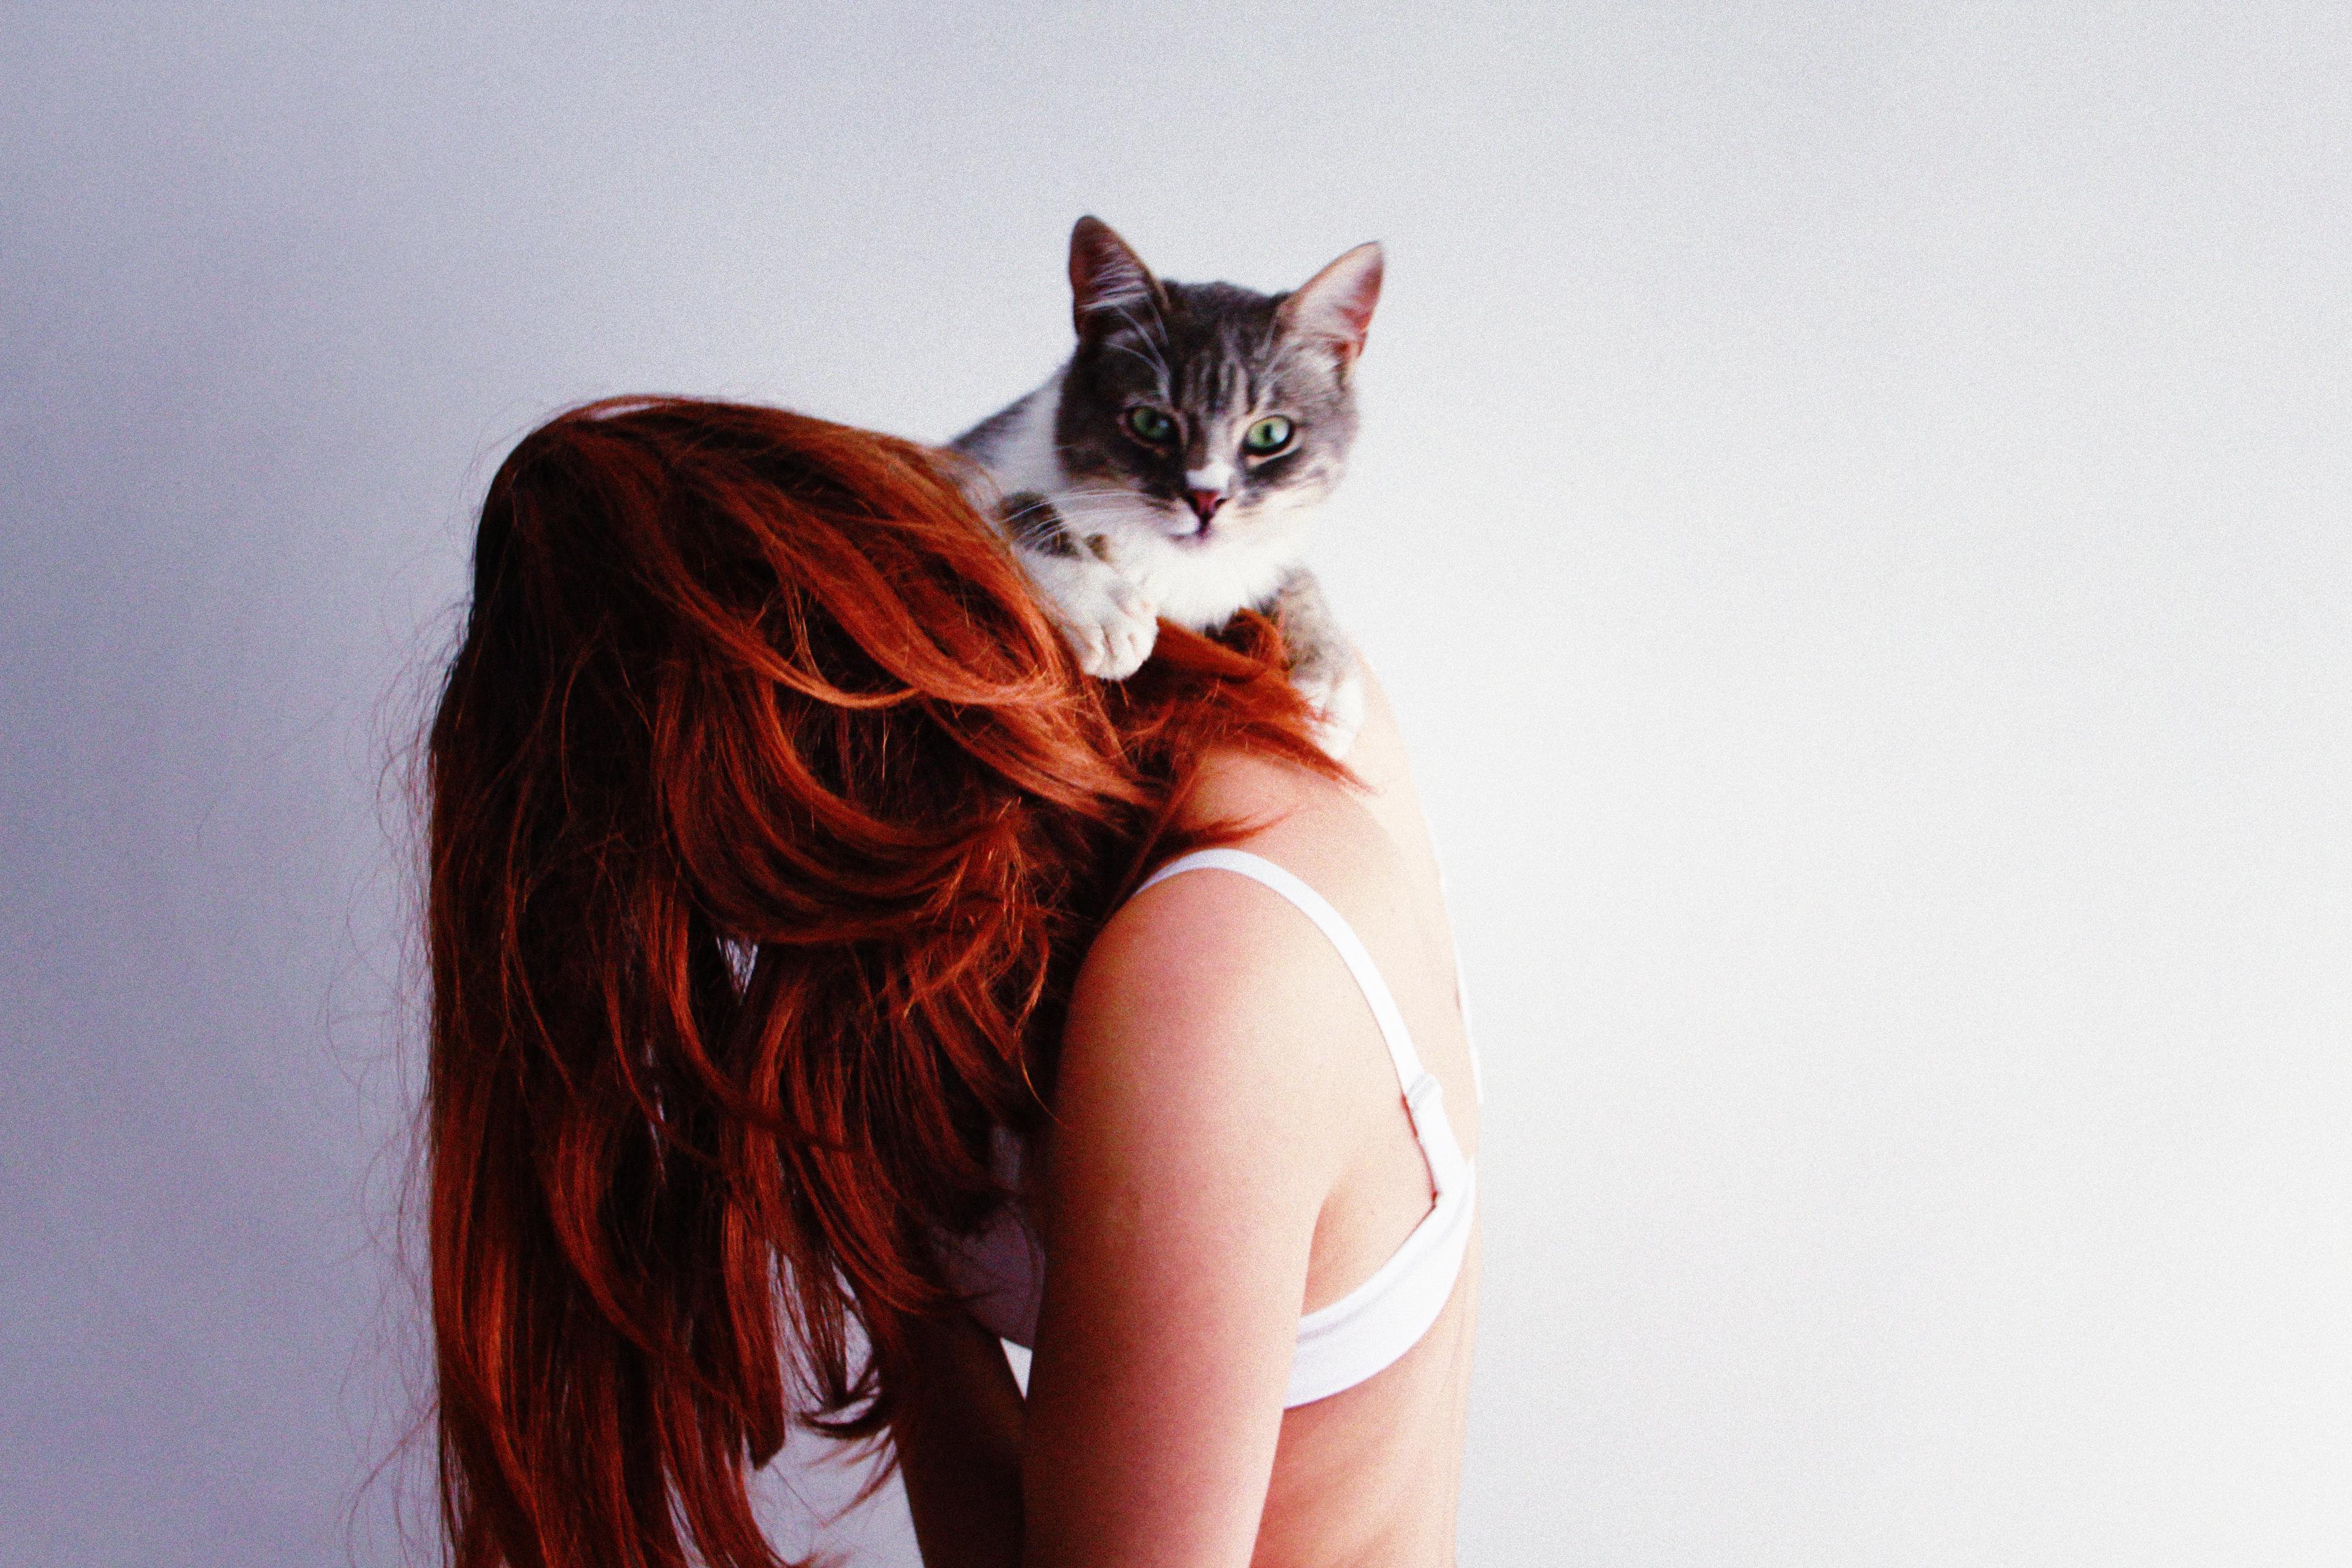 Фотографии девушек с рыжими волосами со спины, Рыжие девушки со спины (36 фото) 18 фотография